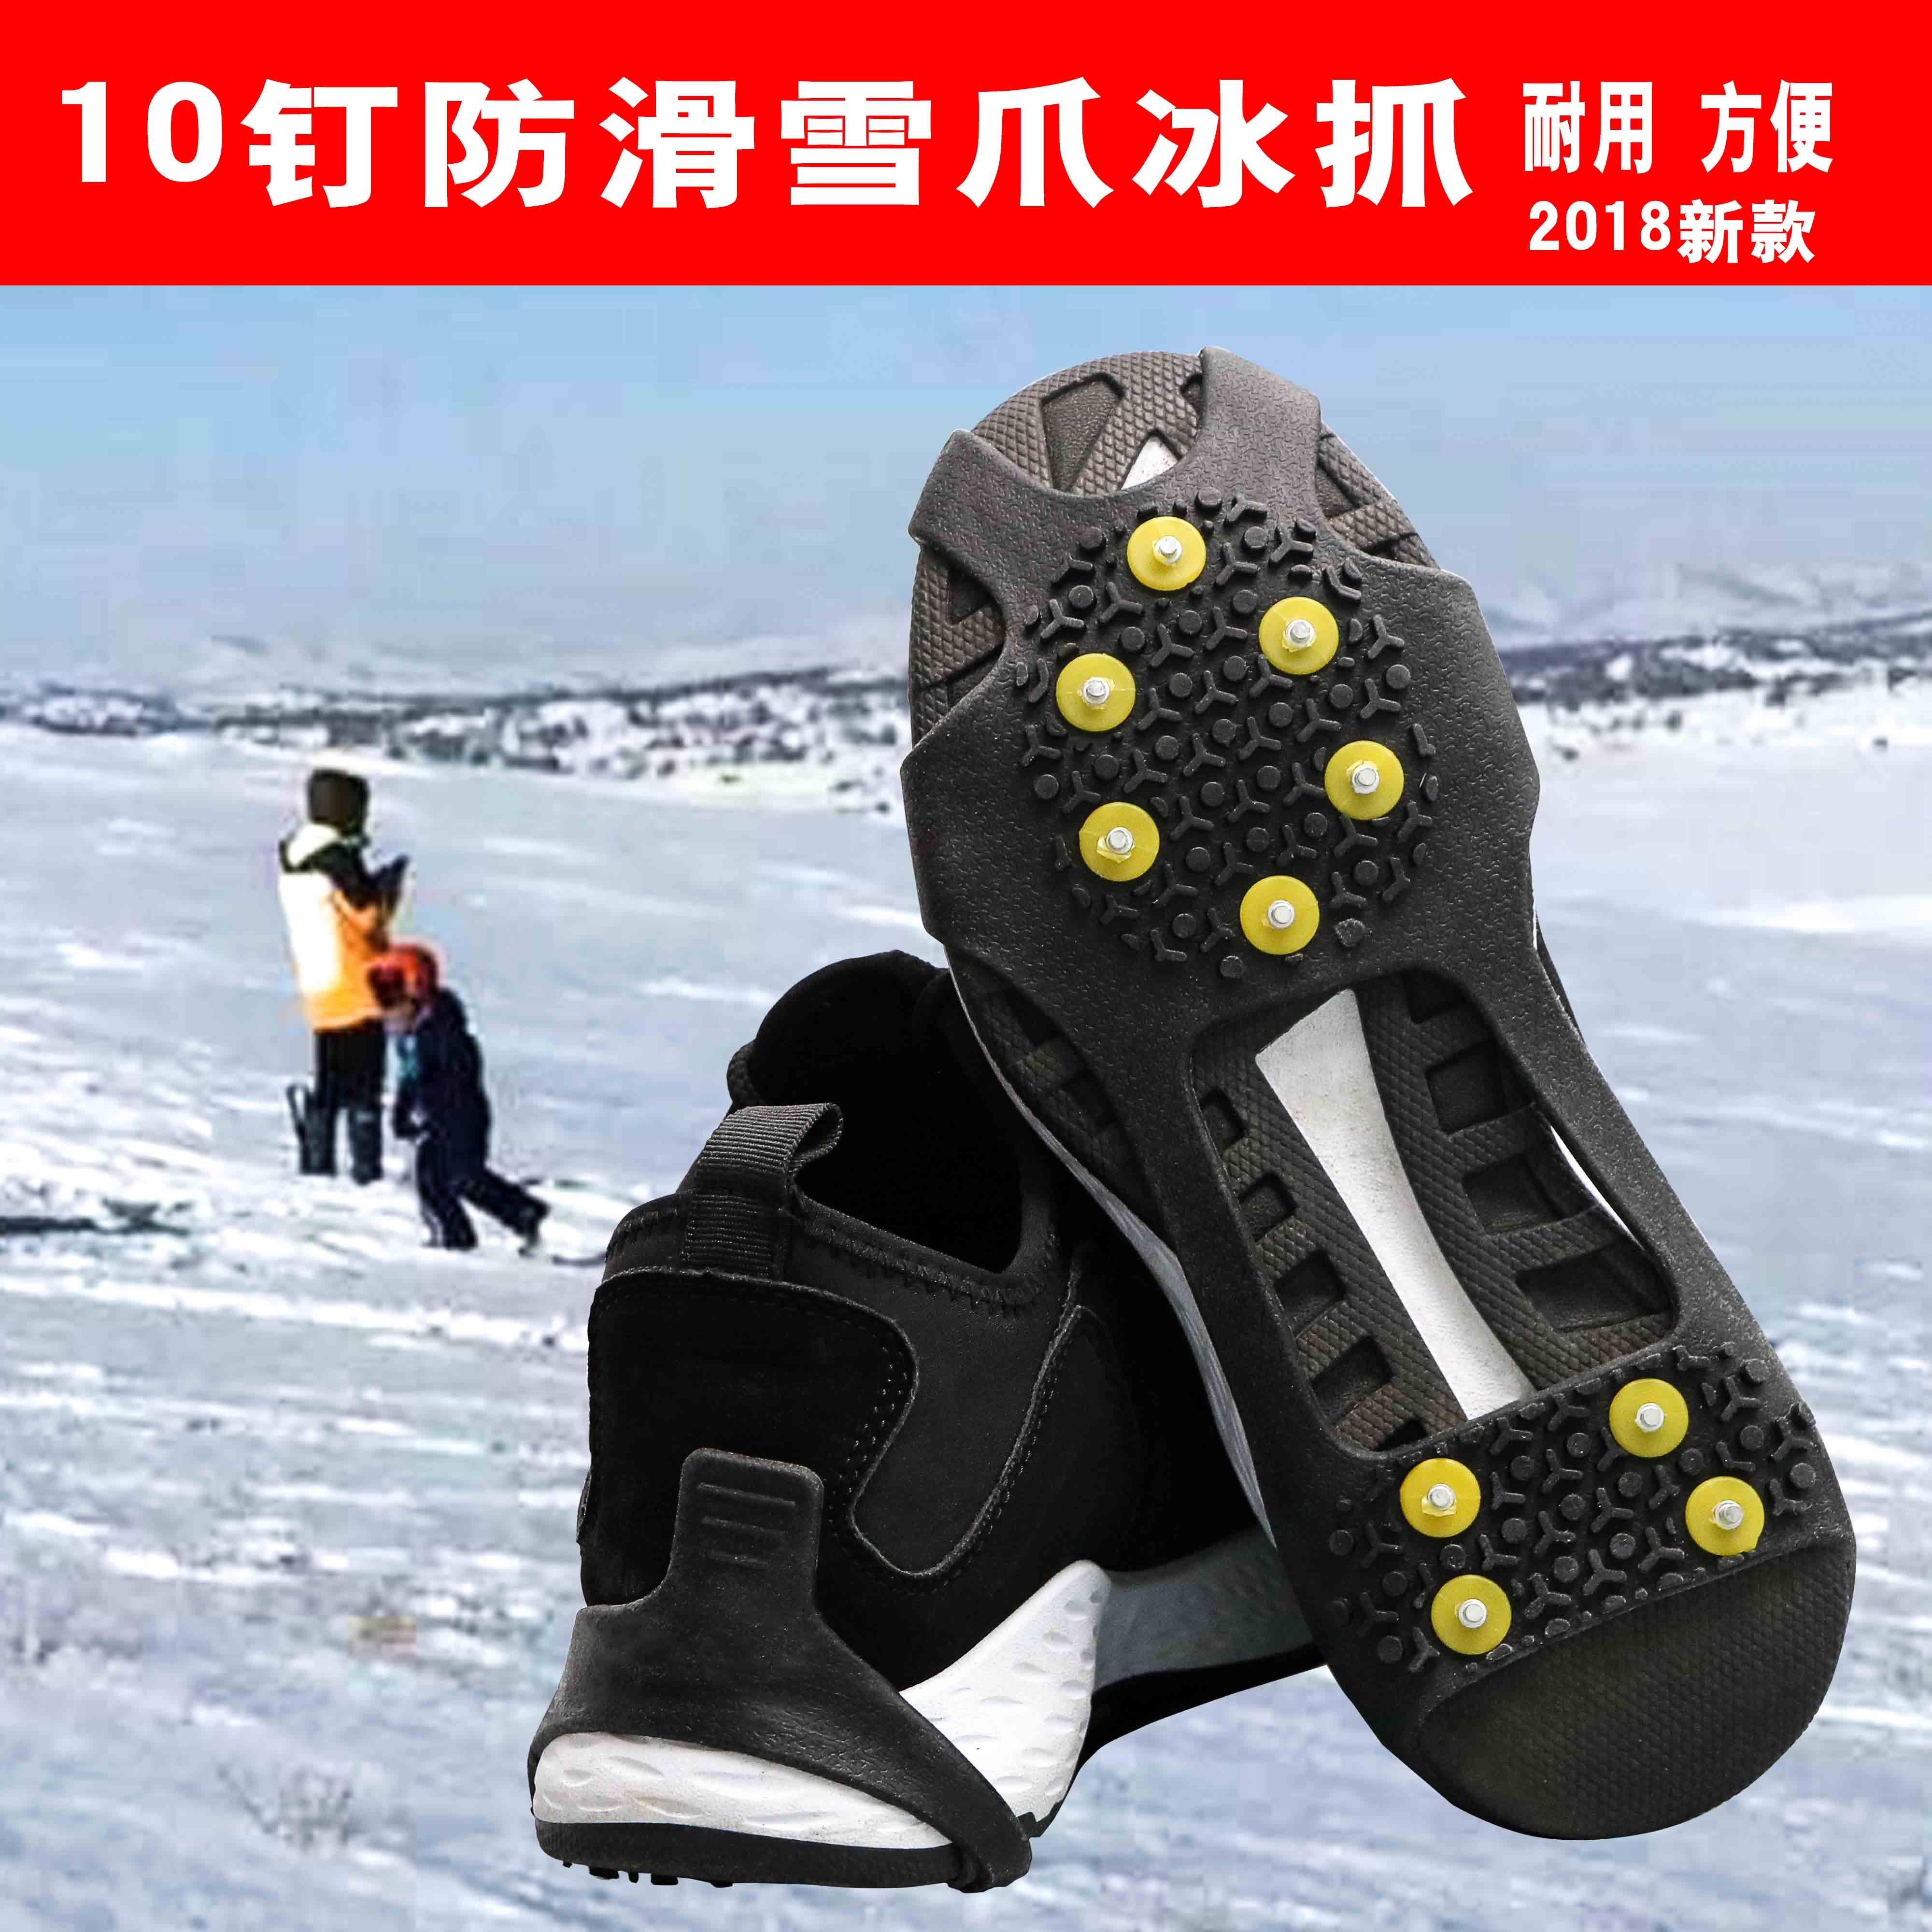 Низ снег нескользящие Артефакт 10 зубных кошек десятью альпинизмом нескользящие Чехол для обуви 10 ногтей для рыбалки